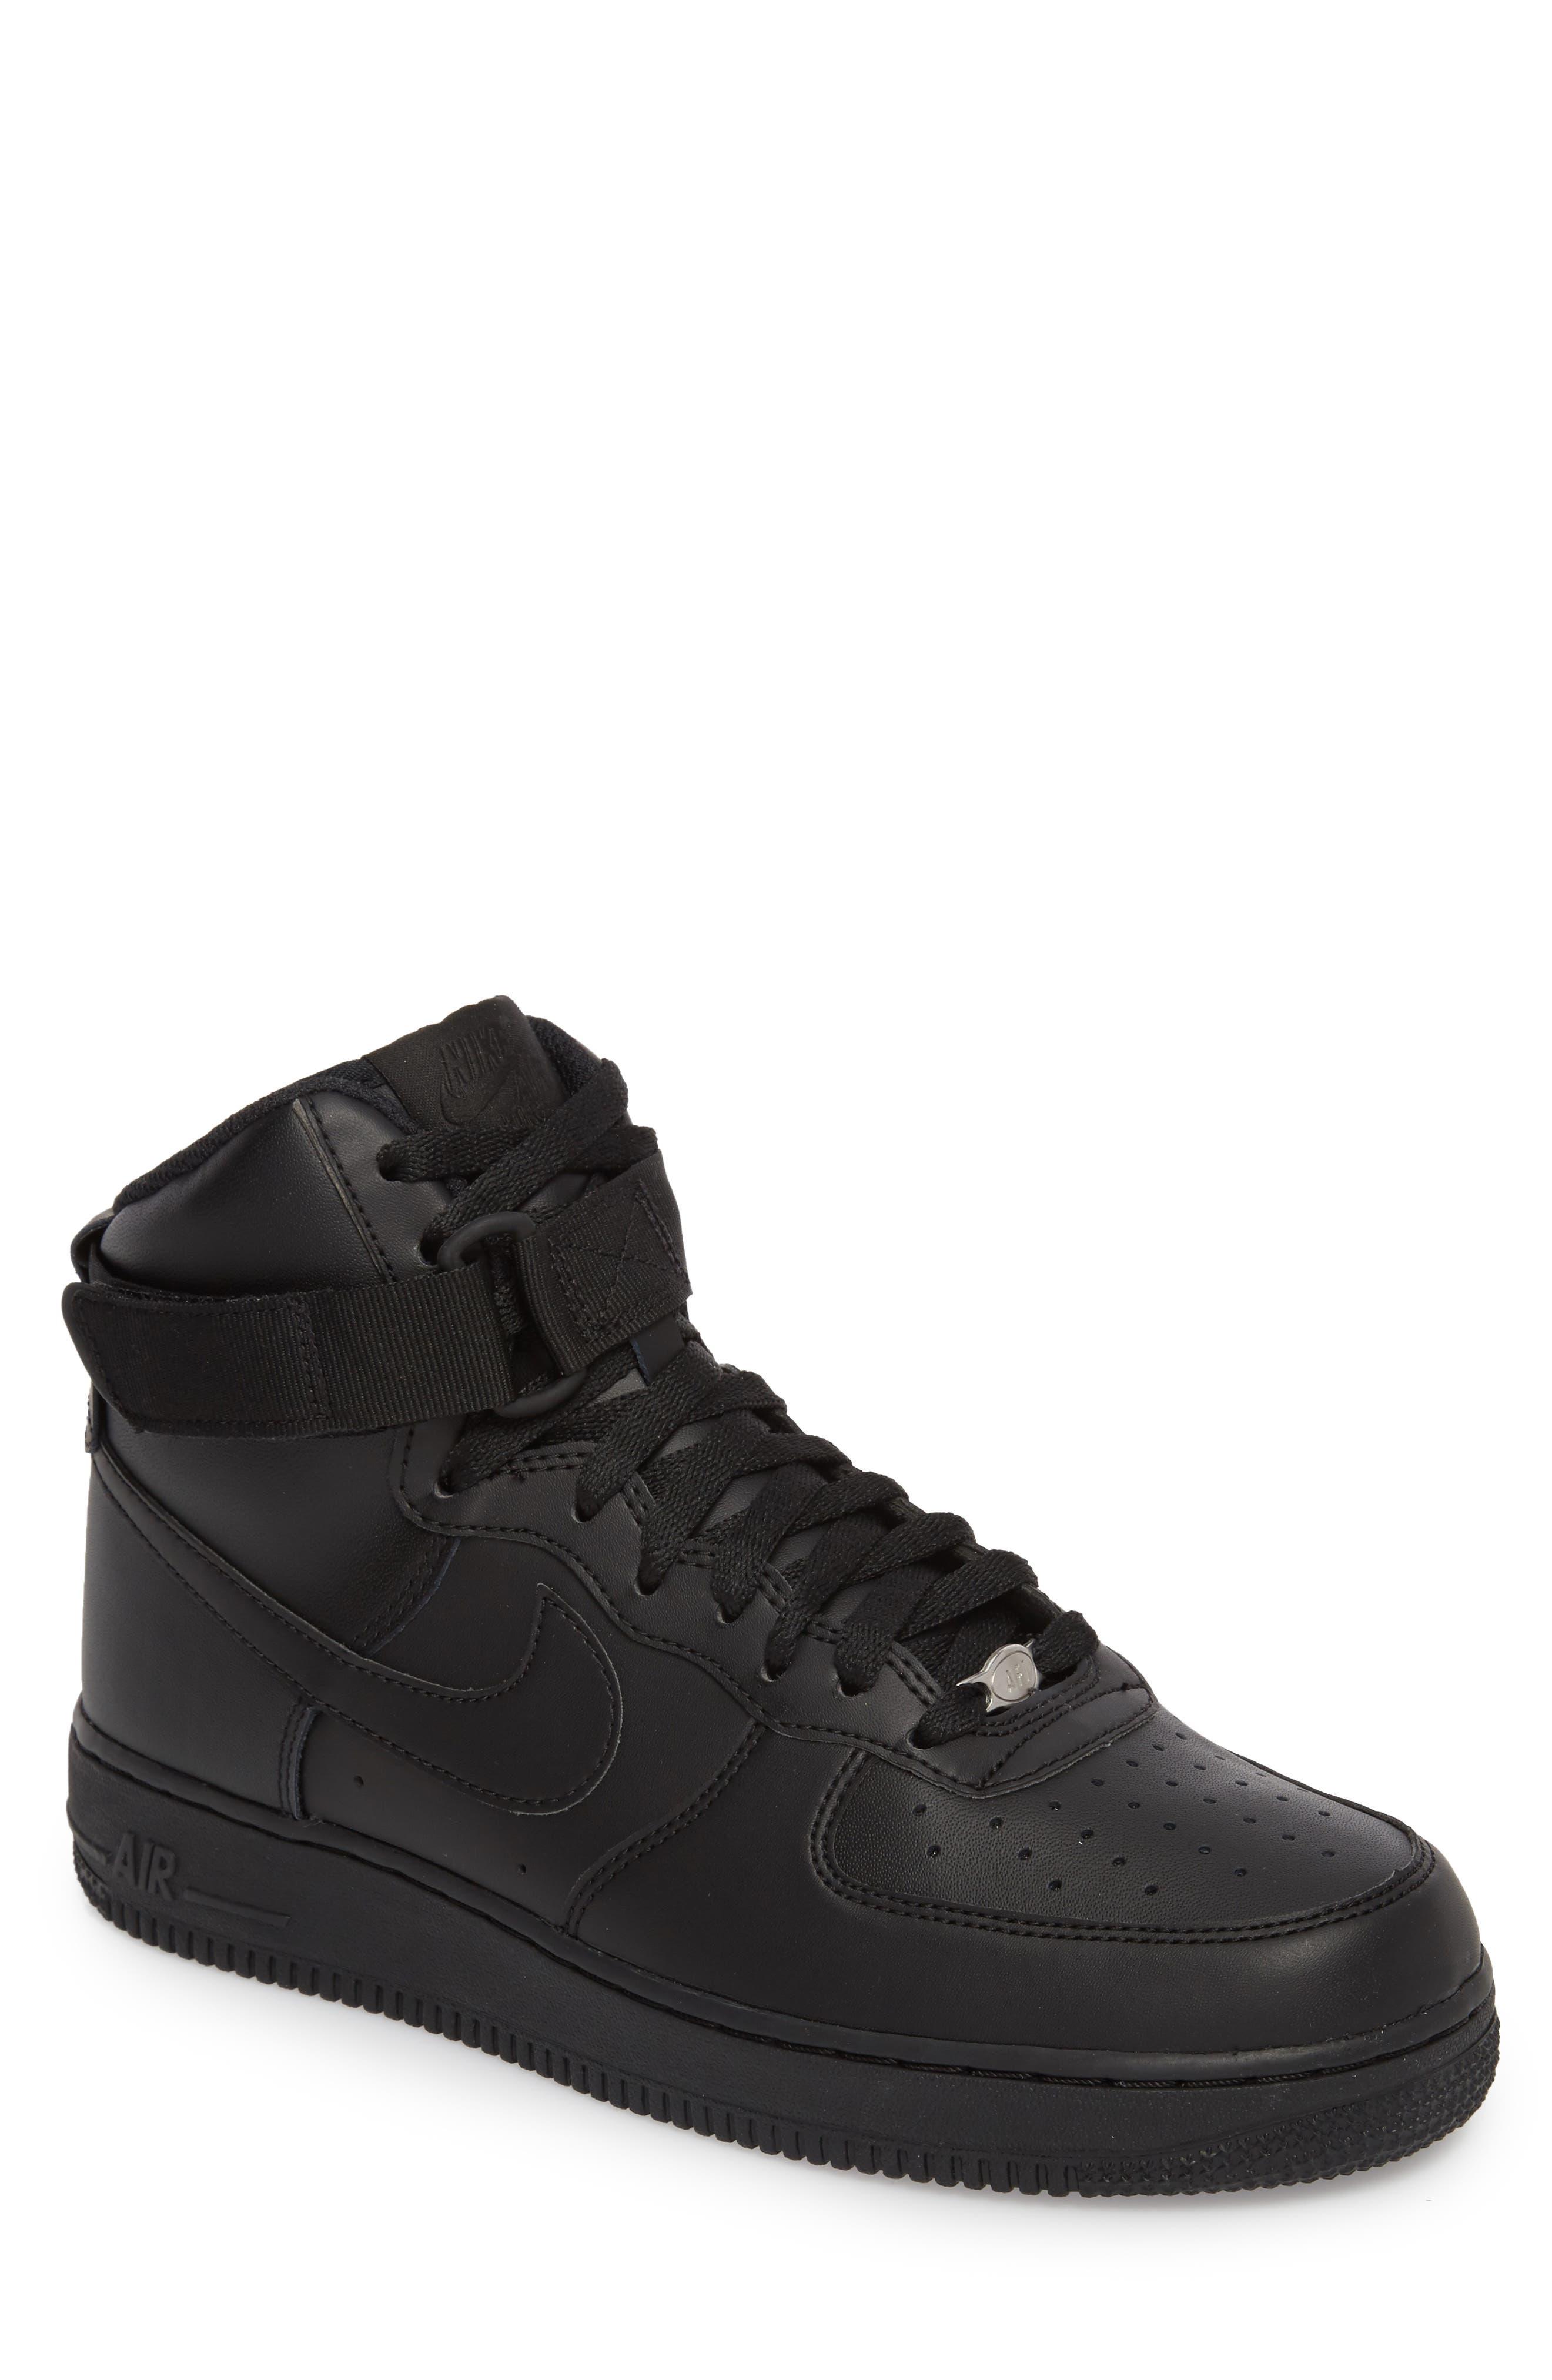 nike air force 1 black gum sole flip-flops men's cologne